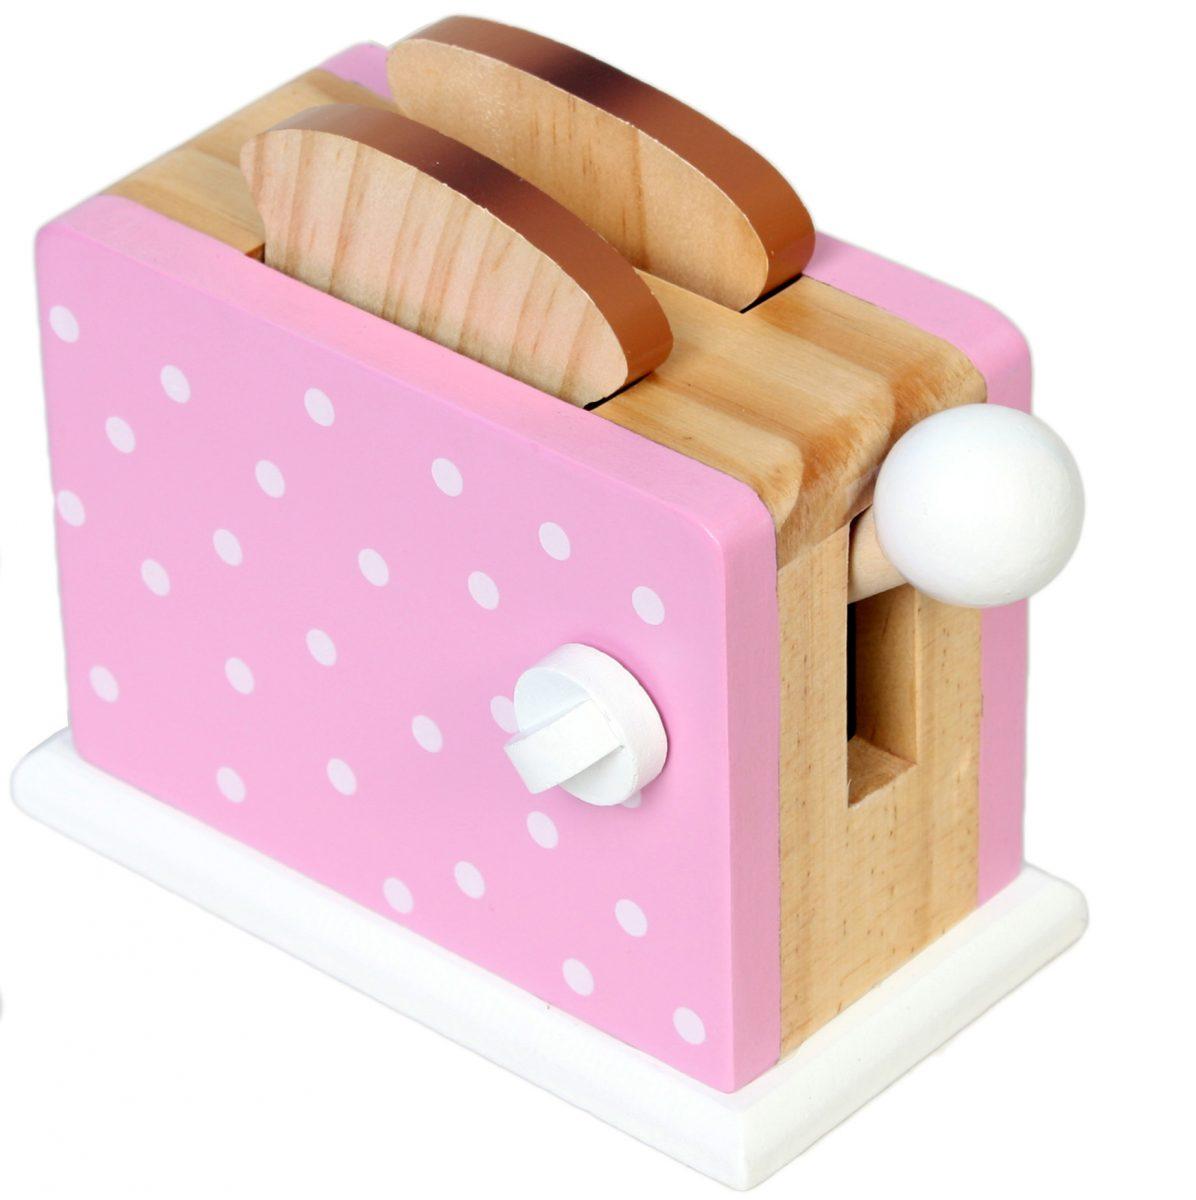 Broodrooster met Stippen - roze